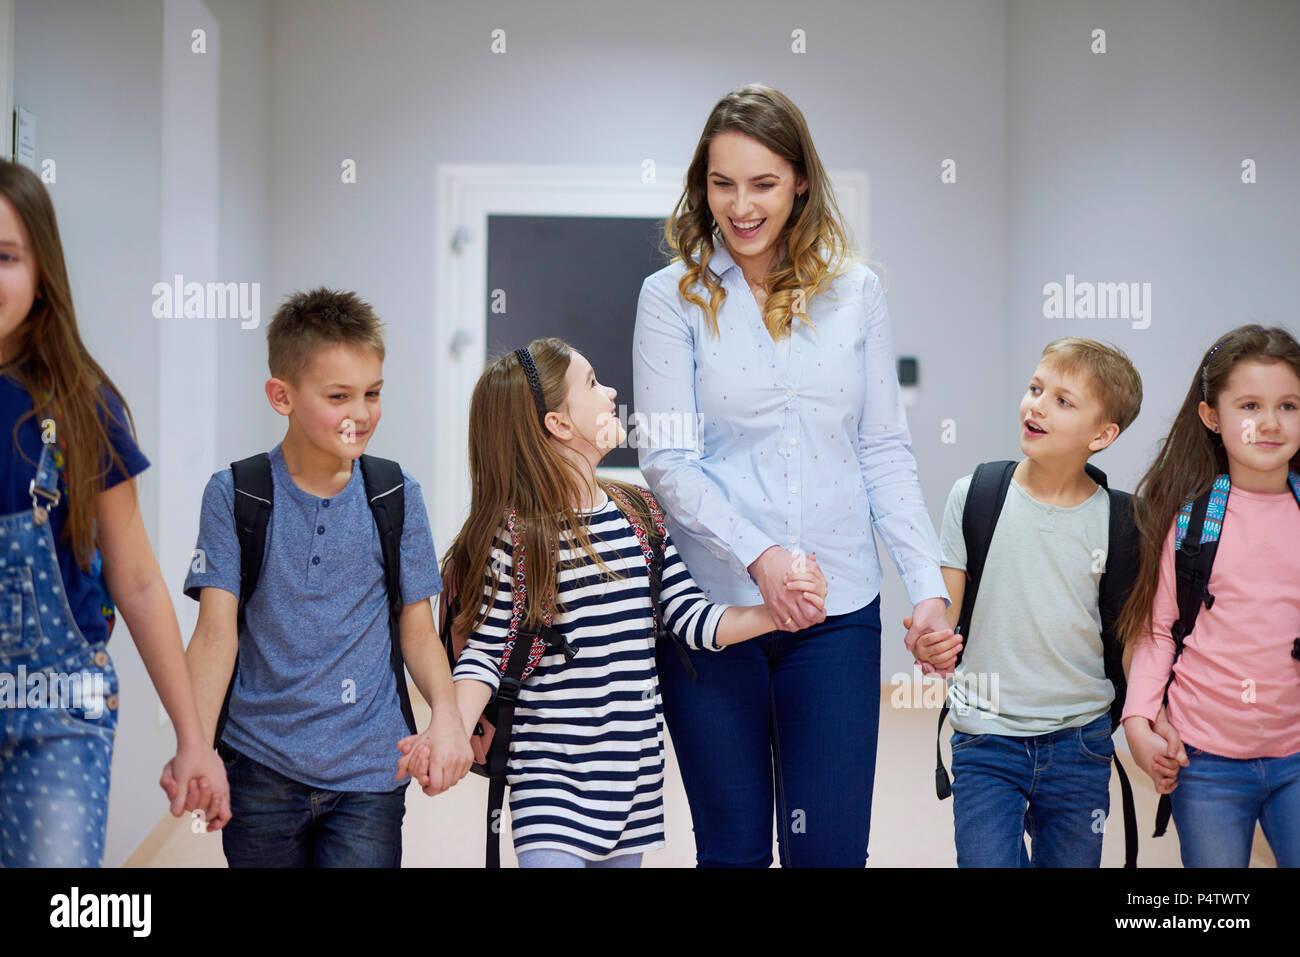 Lächelnd Schüler und Lehrer Hand in Hand auf Korridor in der Schule Stockbild